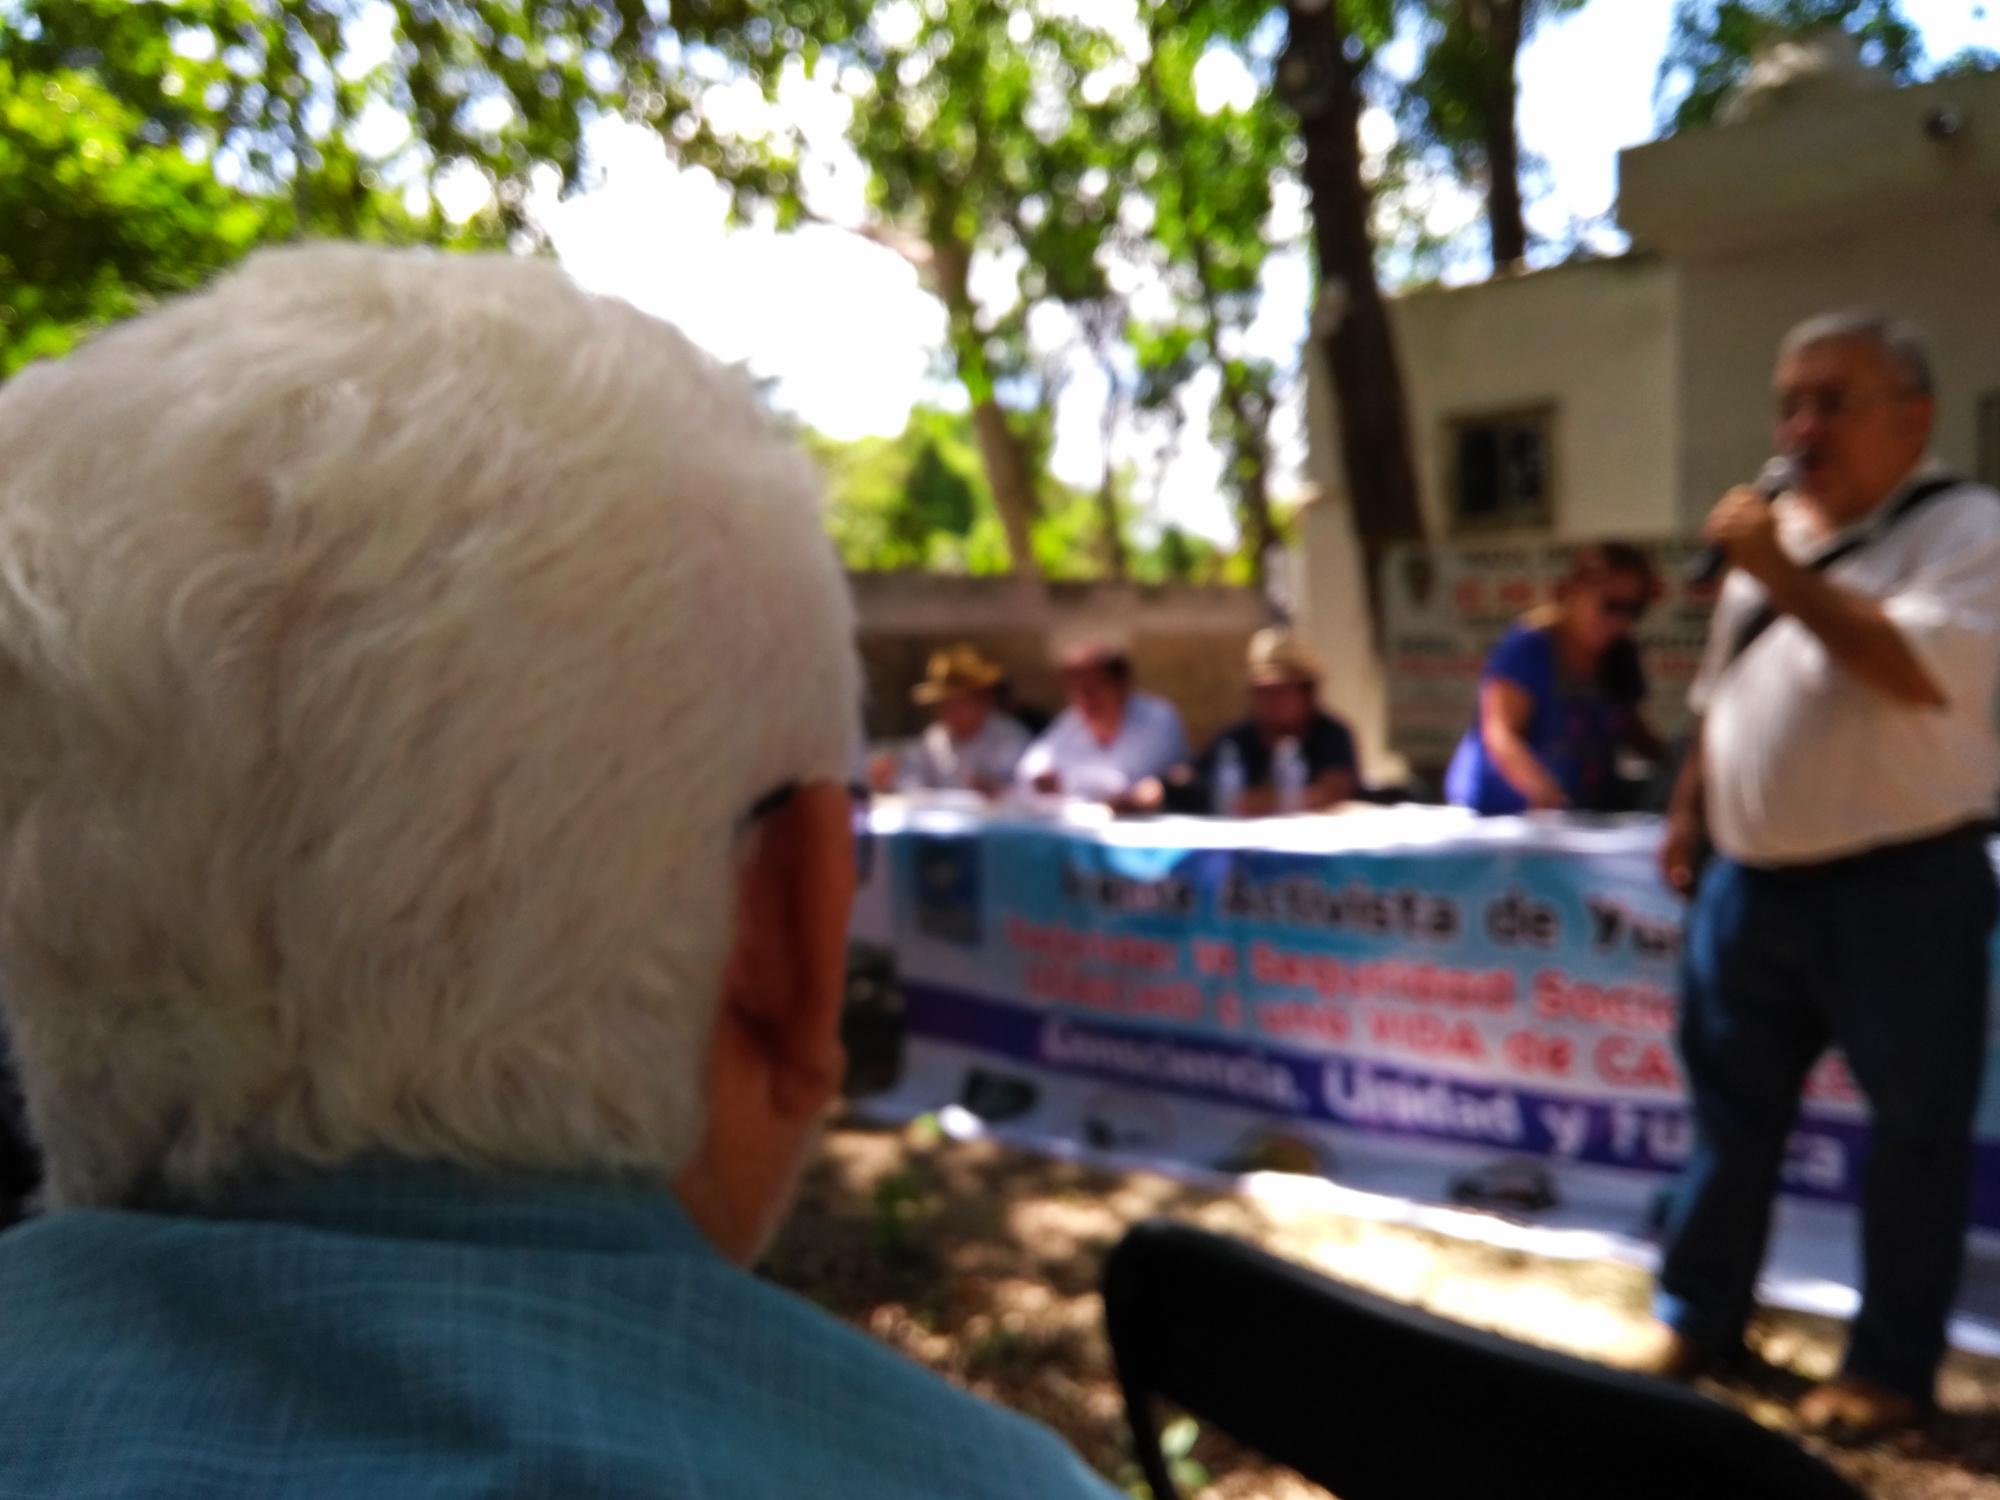 Jubilados de Yucatán piden ayuda a CNTE de Oaxaca para defender sus derechos (videos)